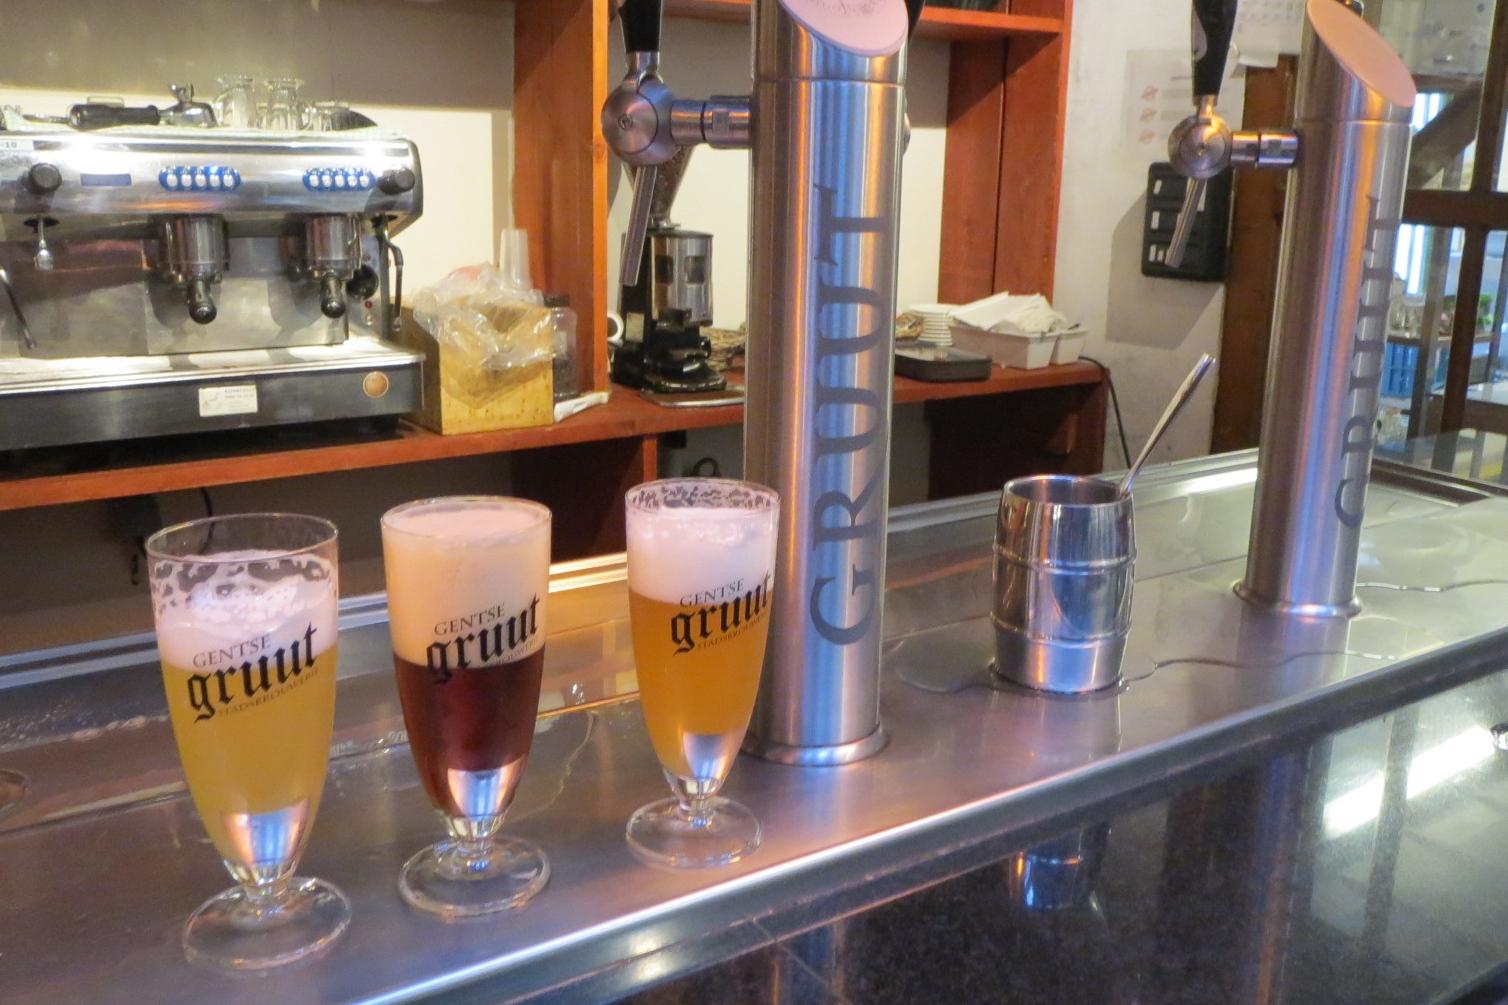 Pivovar Gruut v Gentu vaří pivo na základě středověké tradice - bez chmele a s bylinkami